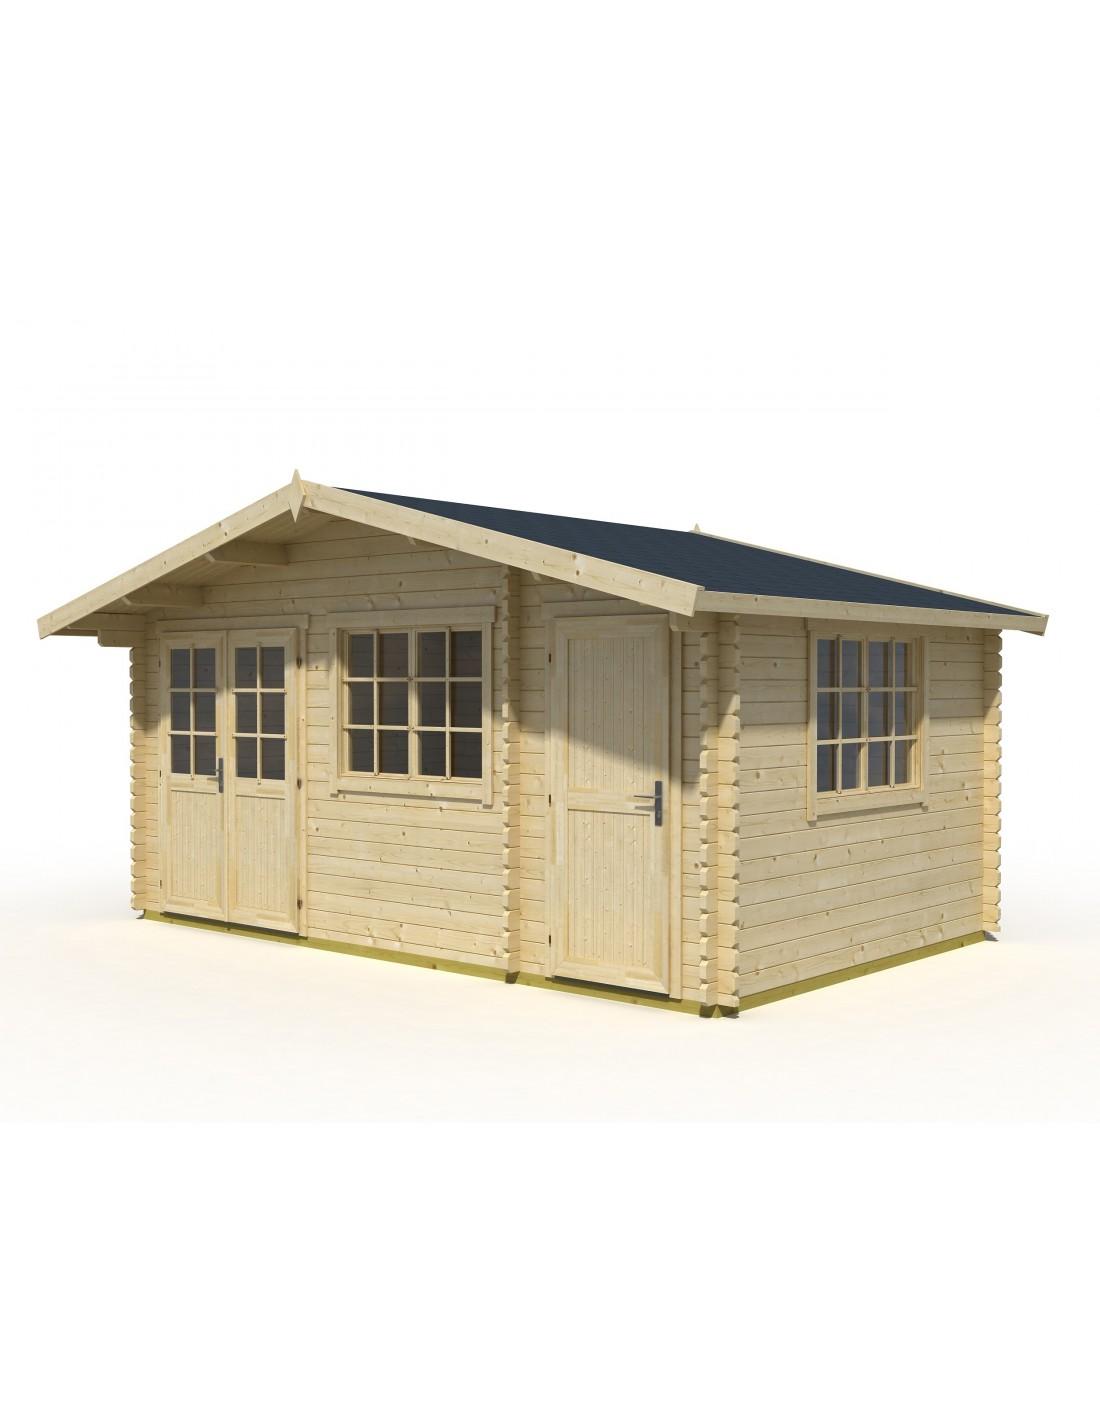 Abri de jardin borkum 18 9 m 40 mm avec plancher serres - Abri de jardin avec plancher ...